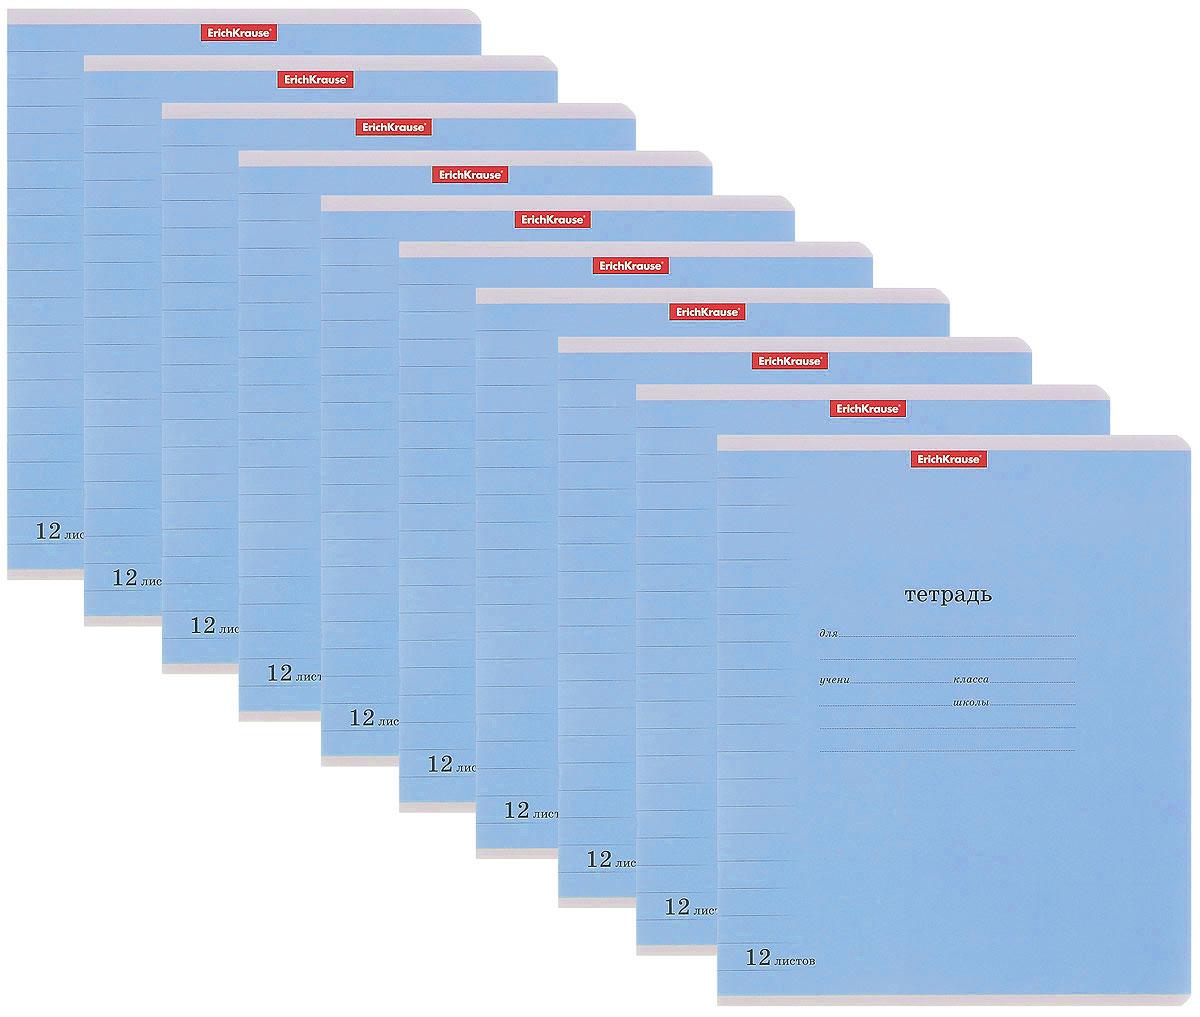 Erich Krause Набор тетрадей Классика 12 листов в линейку 10 шт цвет голубой72523WDТетрадь Erich Krause Классика предназначена для школьников.Обложка тетради выполнена из тонкого гибкого картона с закругленными углами. На обратной стороне обложки представлено написание прописных букв русского и английского алфавитов.Внутренний блок тетради состоит из 12 листов белой бумаги на металлических скрепках в линейку с полями.В наборе 10 тетрадей.